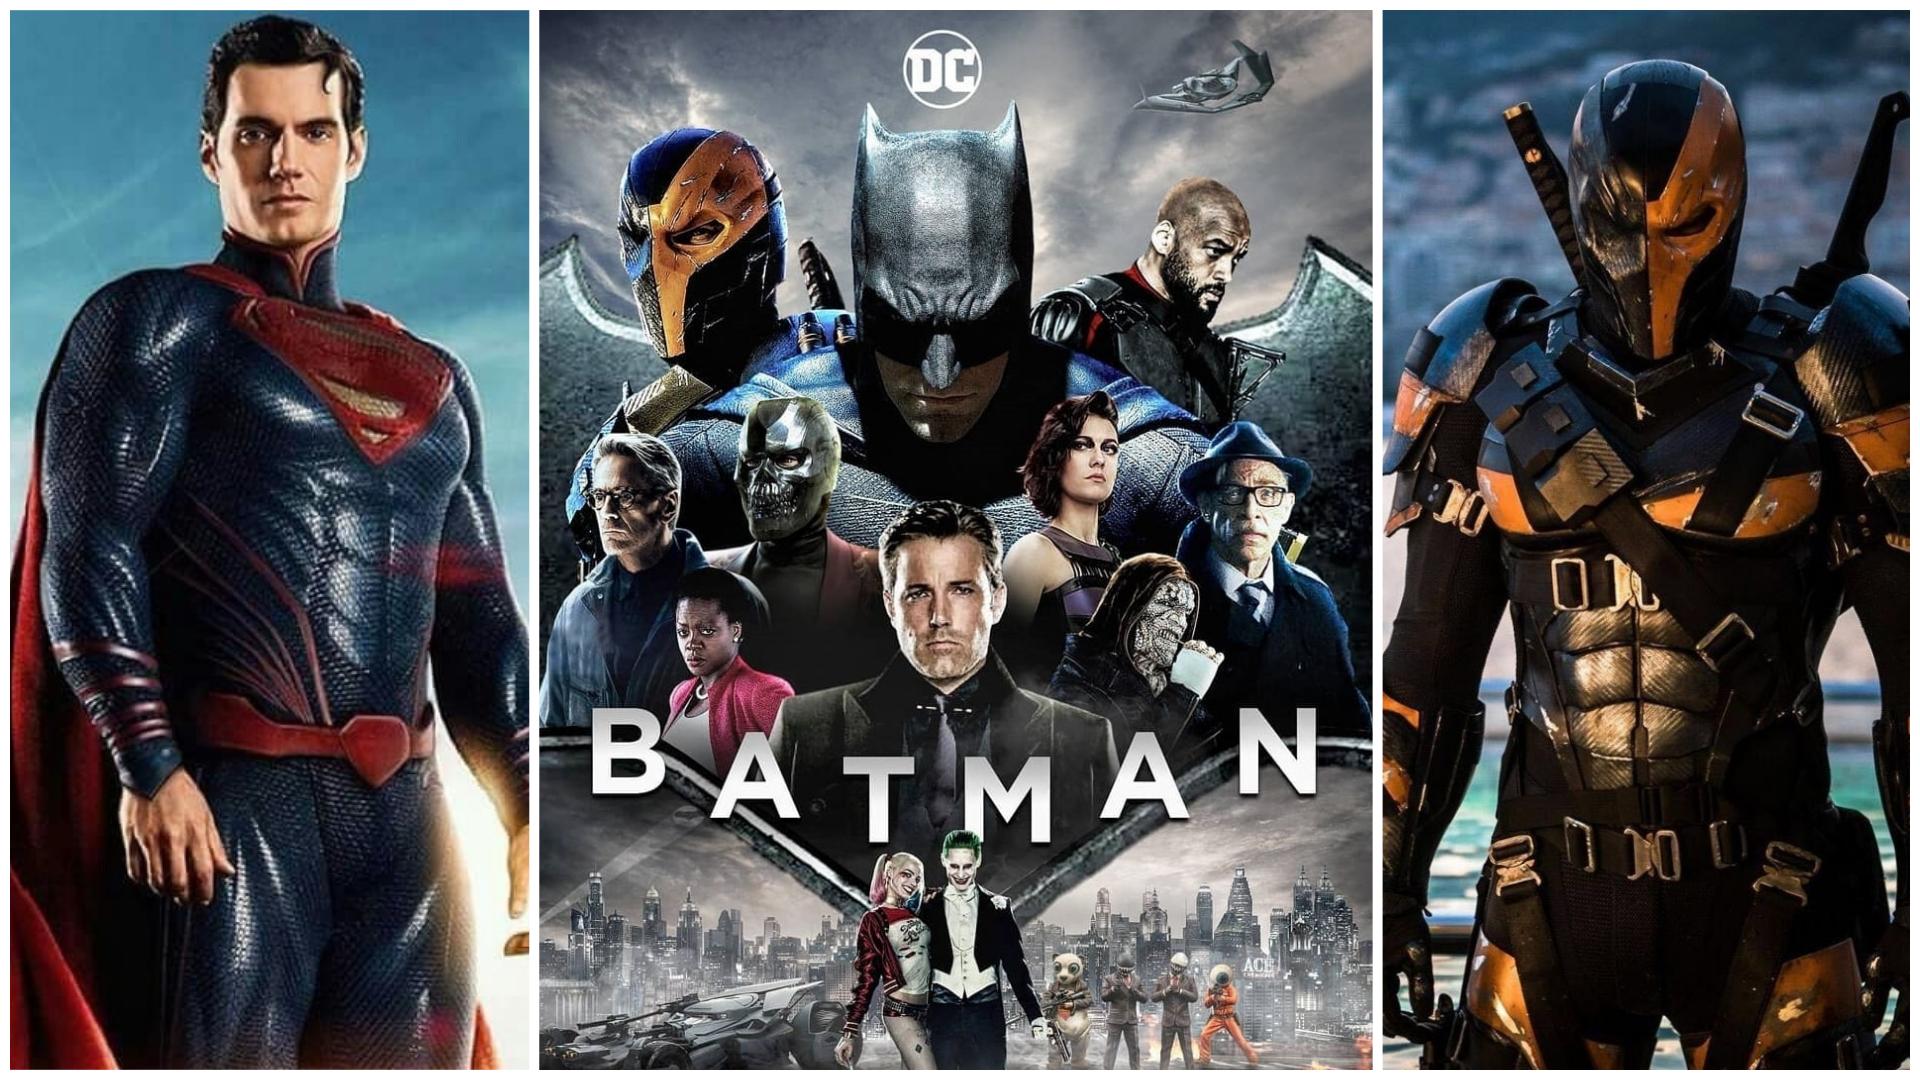 zack-snyder-justice-league-hbo-max-superman-batman-deathstroke